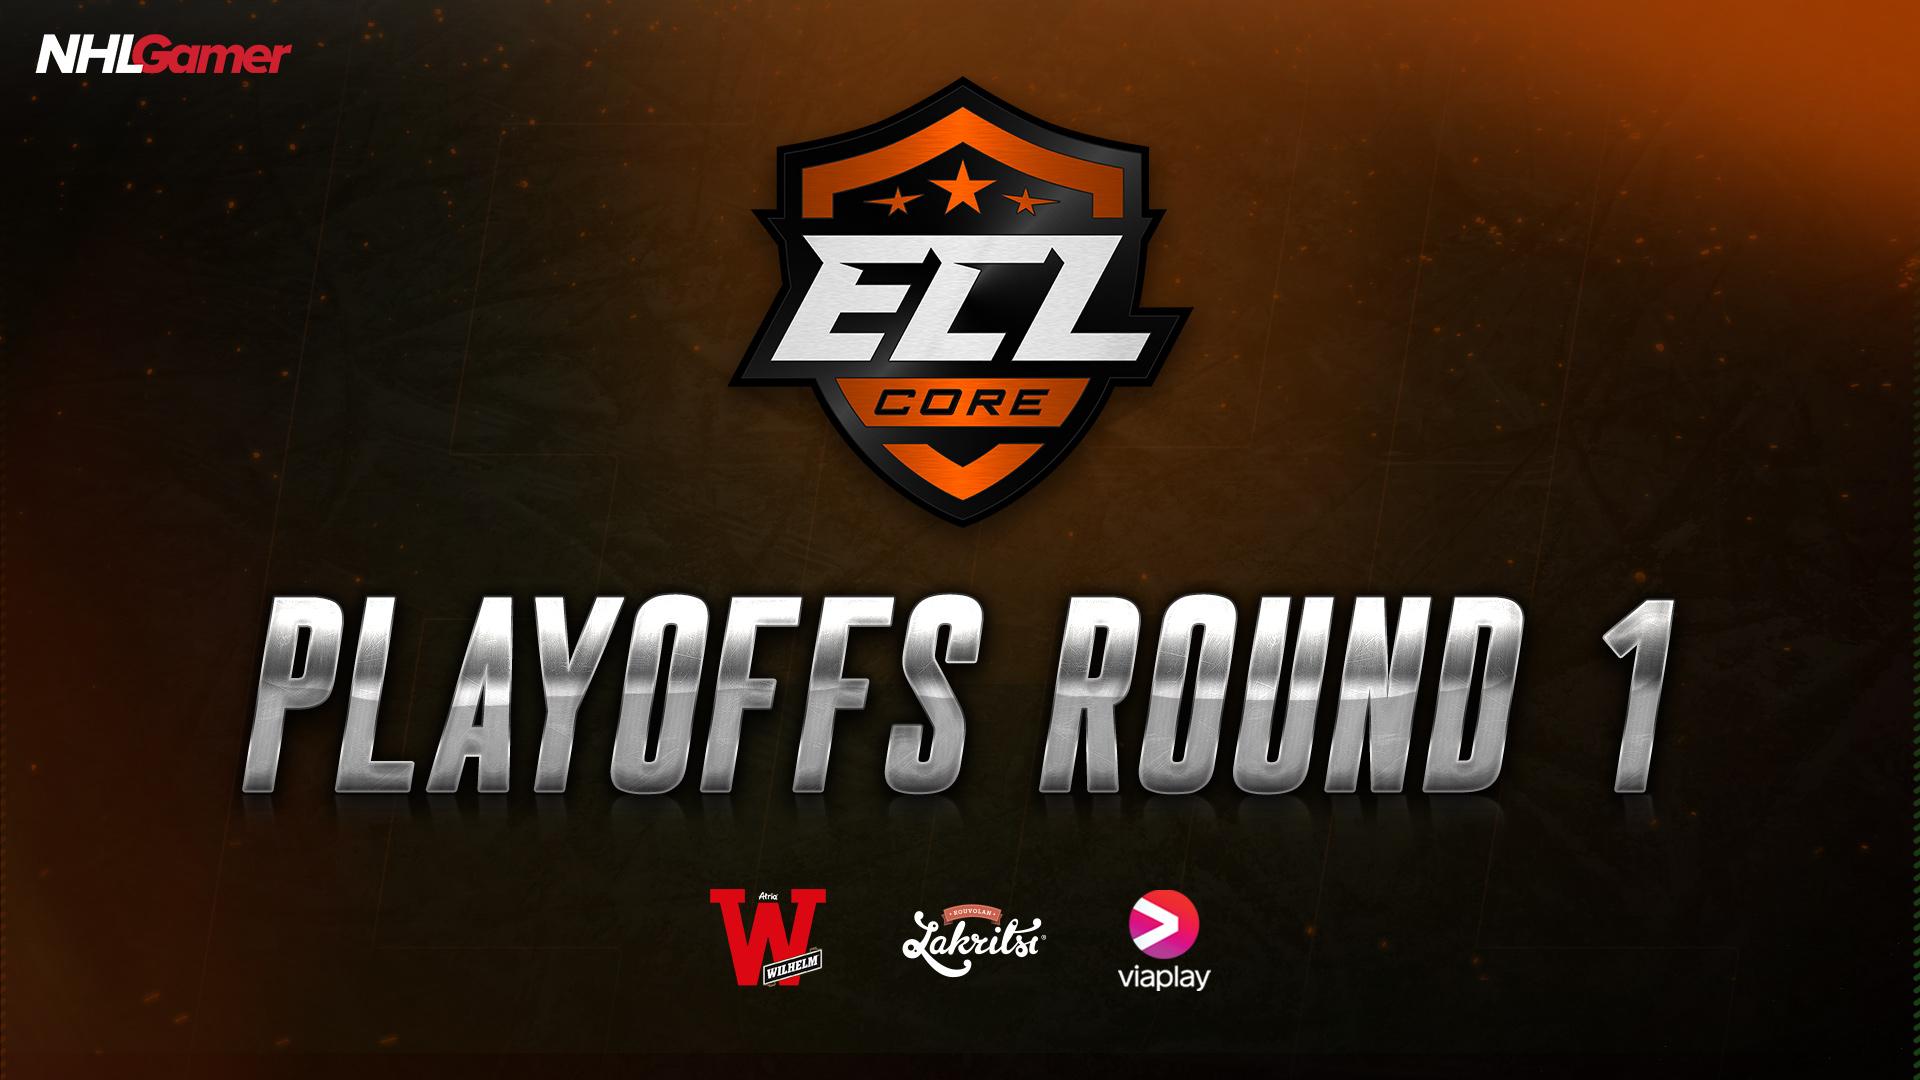 ECL_12_Core_Playoffs_Round_1.jpg